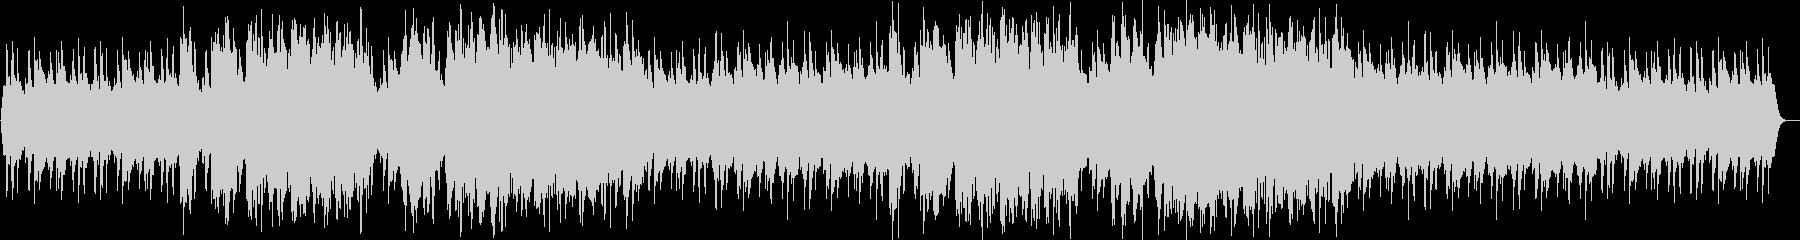 不気味なシンセ・オルガンサウンドの未再生の波形